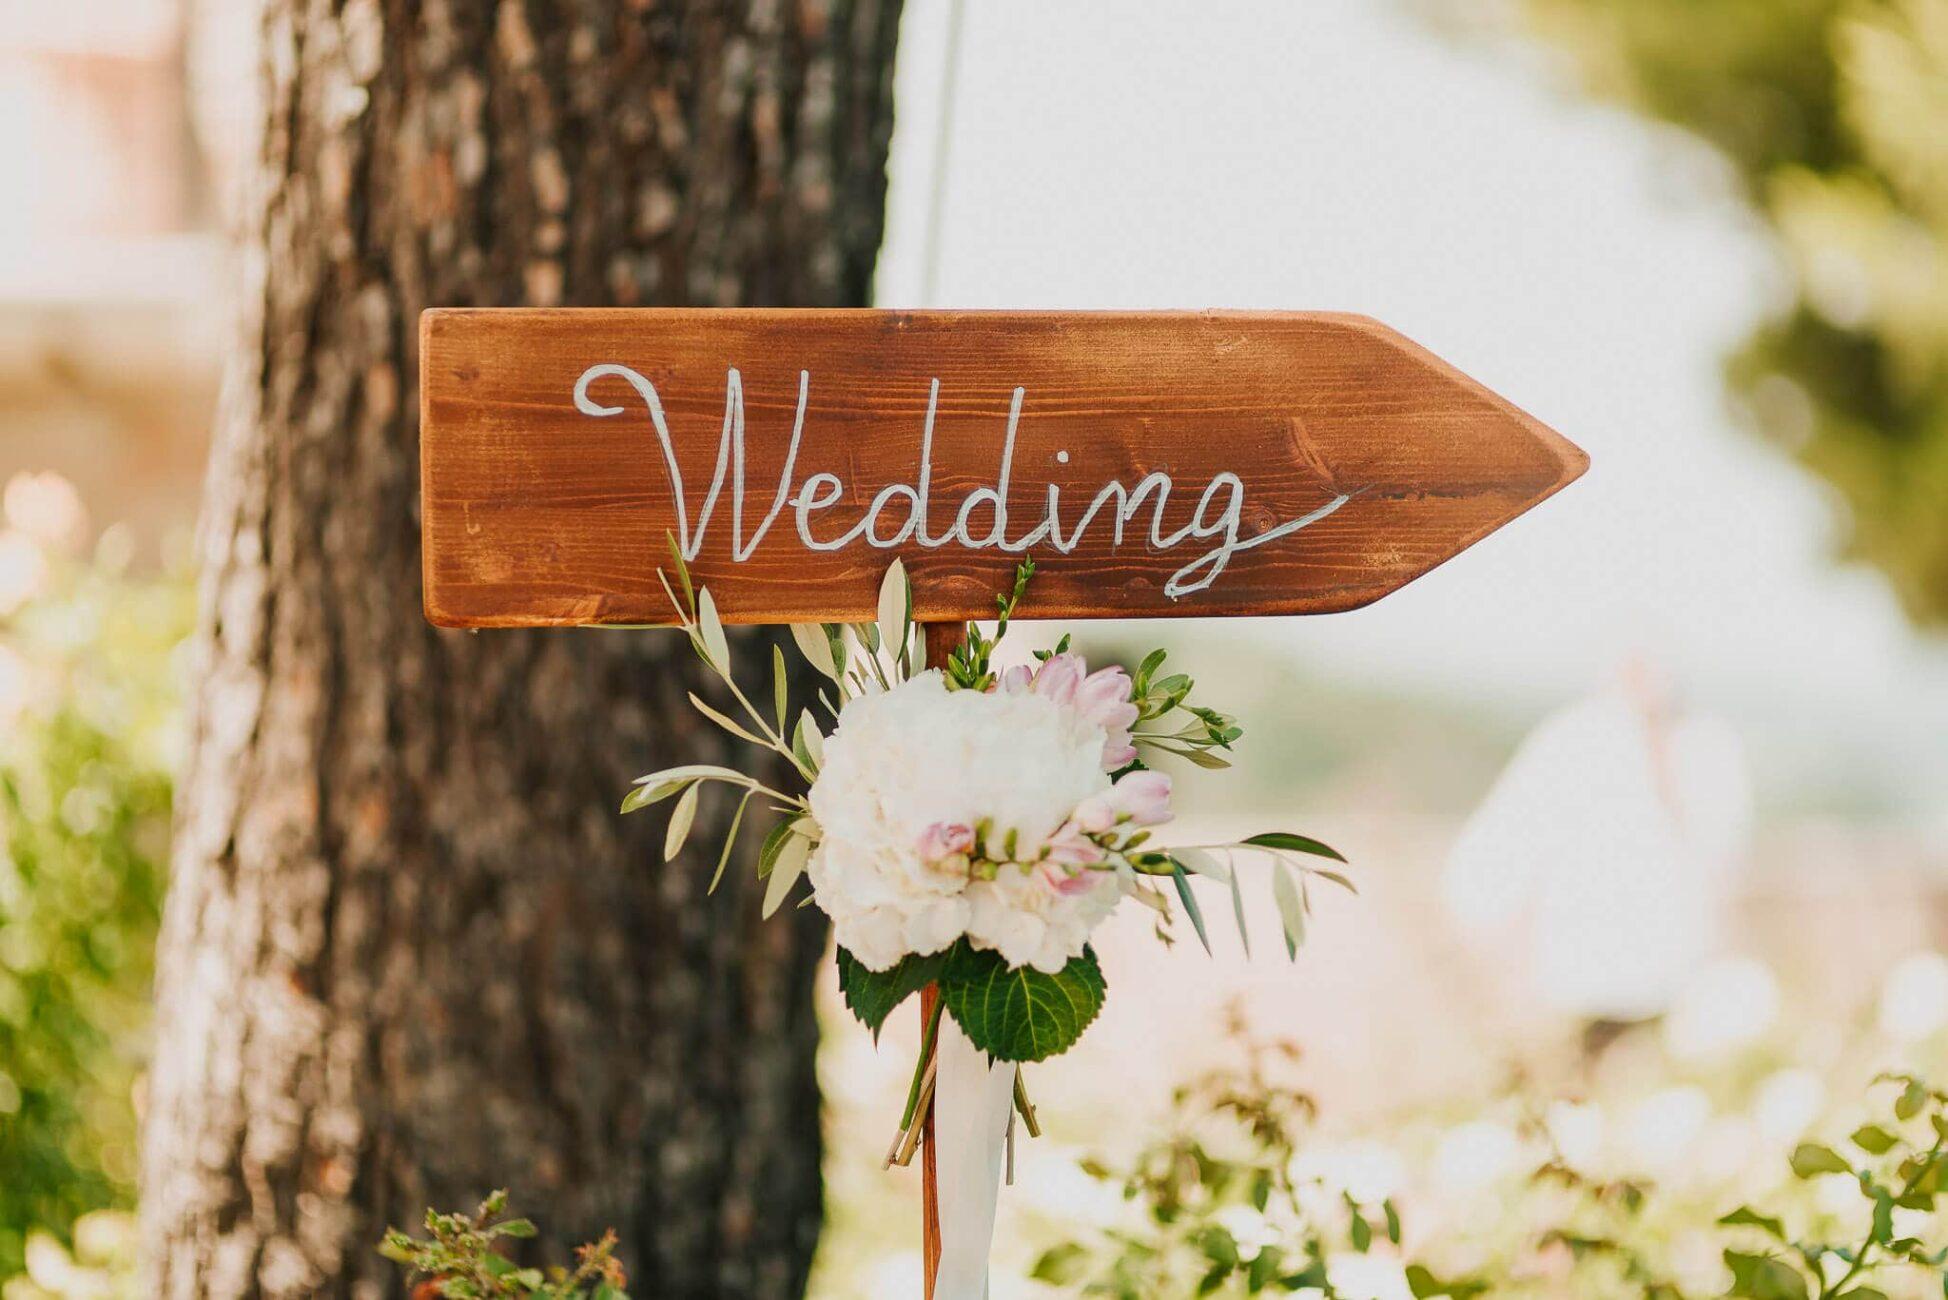 matrimonio-intimo-intimate-wedding-01